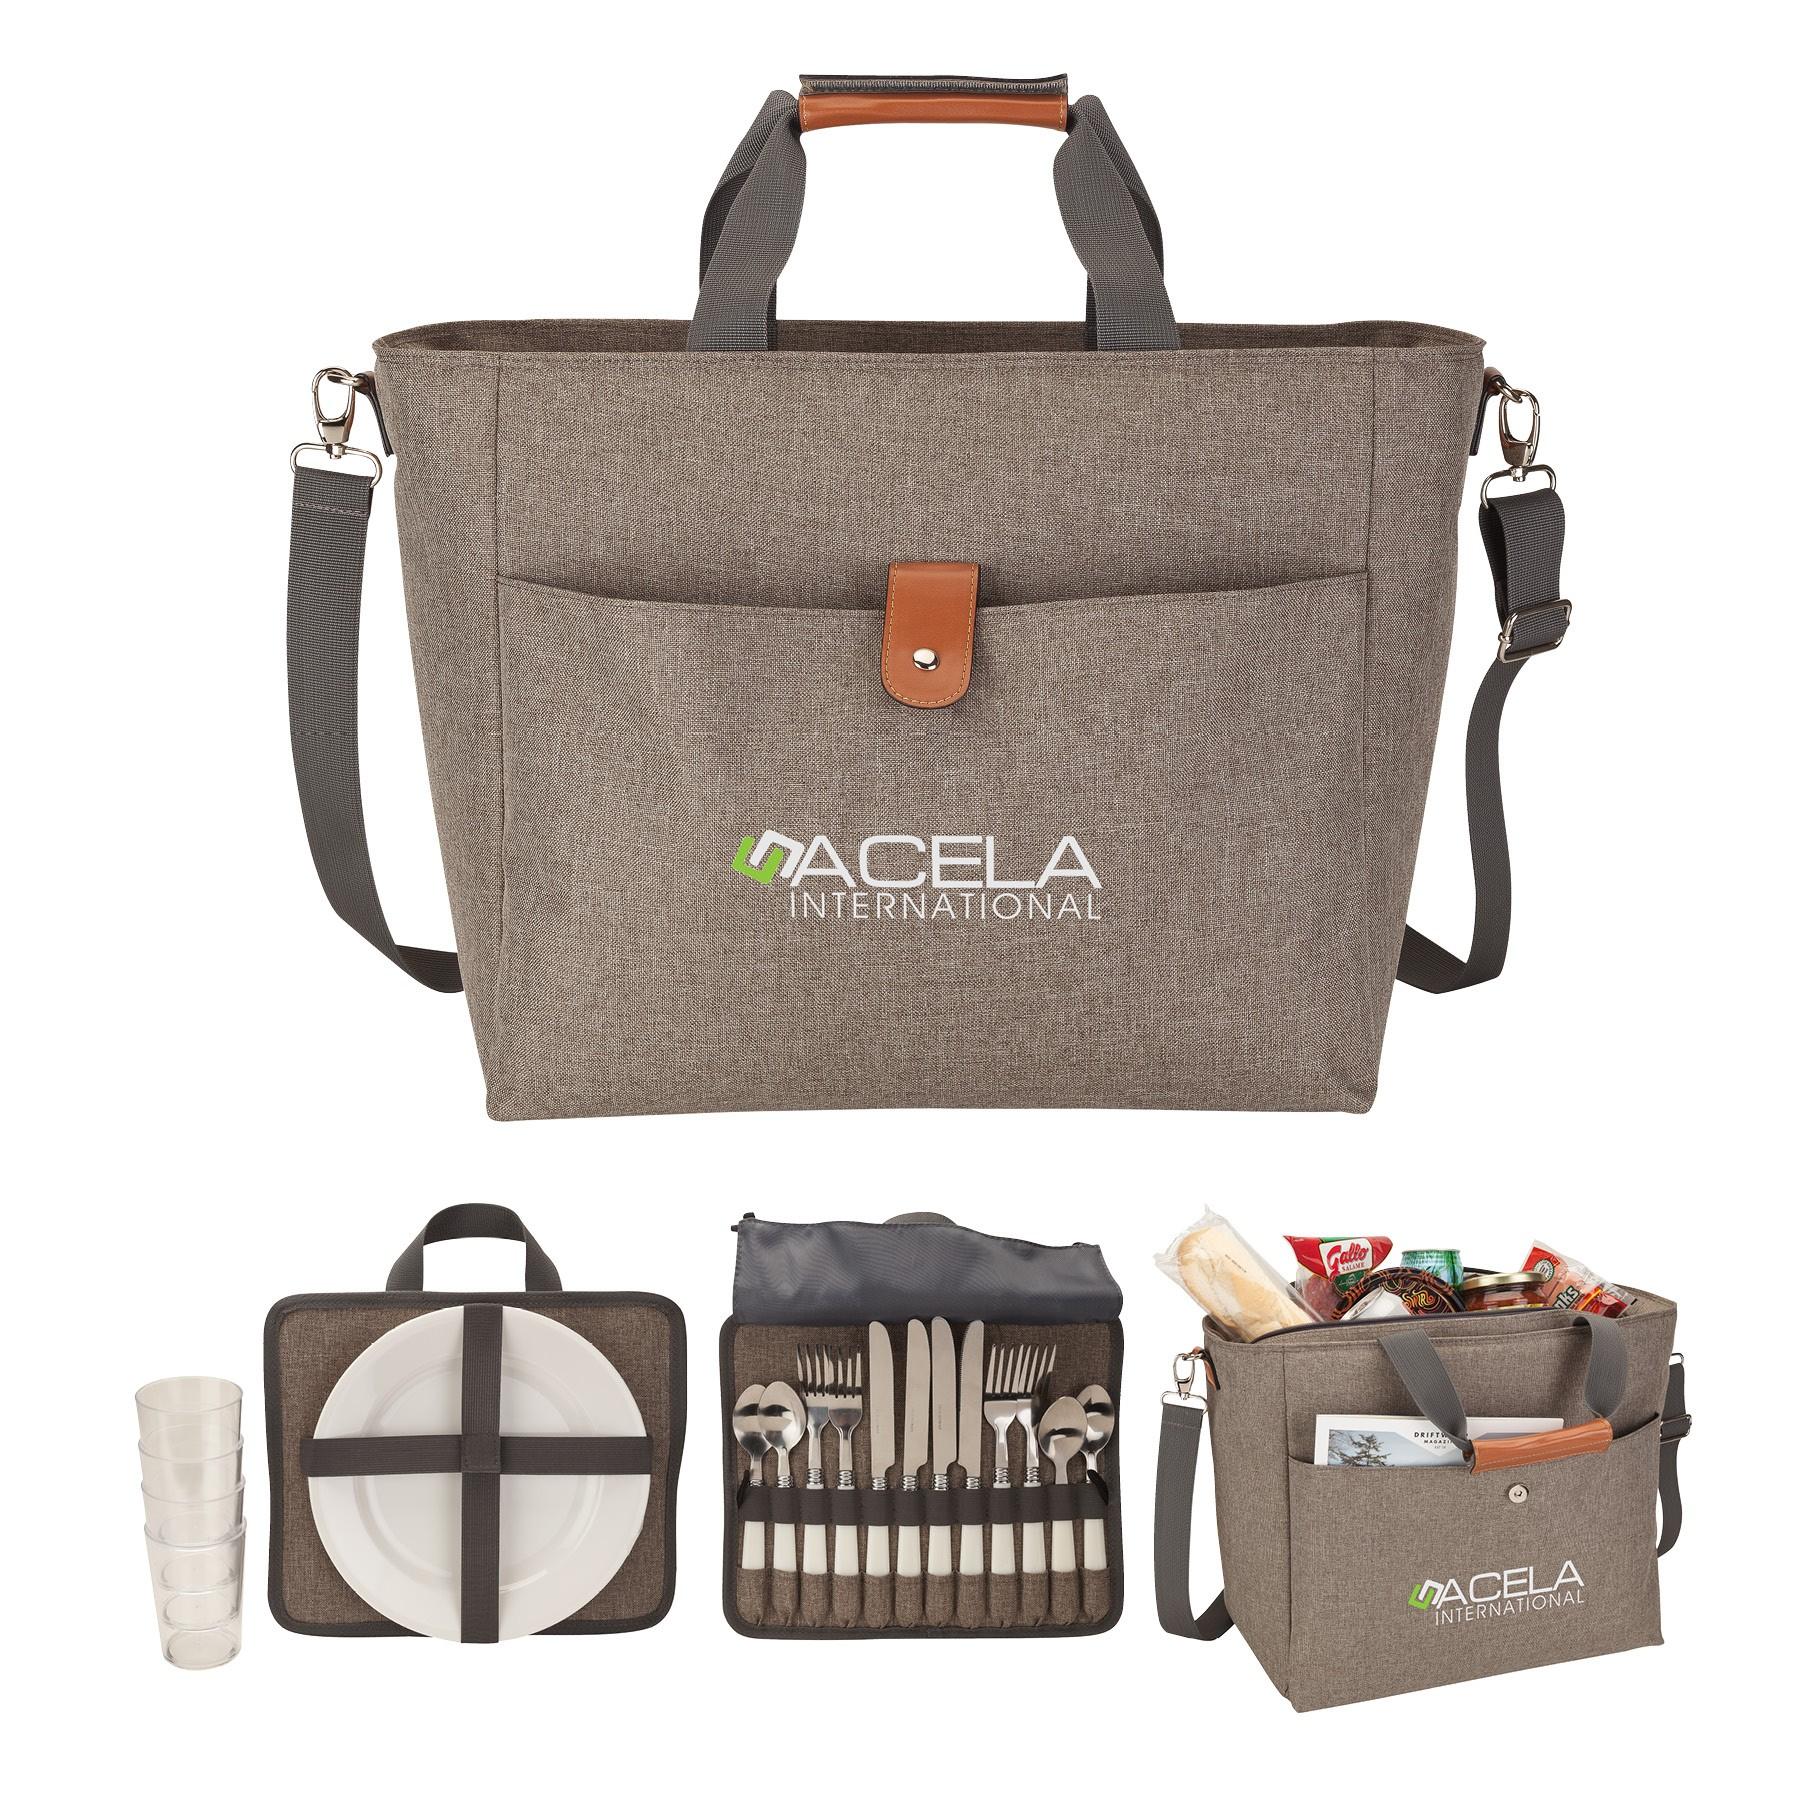 Del Mar 4 Person Picnic Carry Set & Cooler Tote Bag